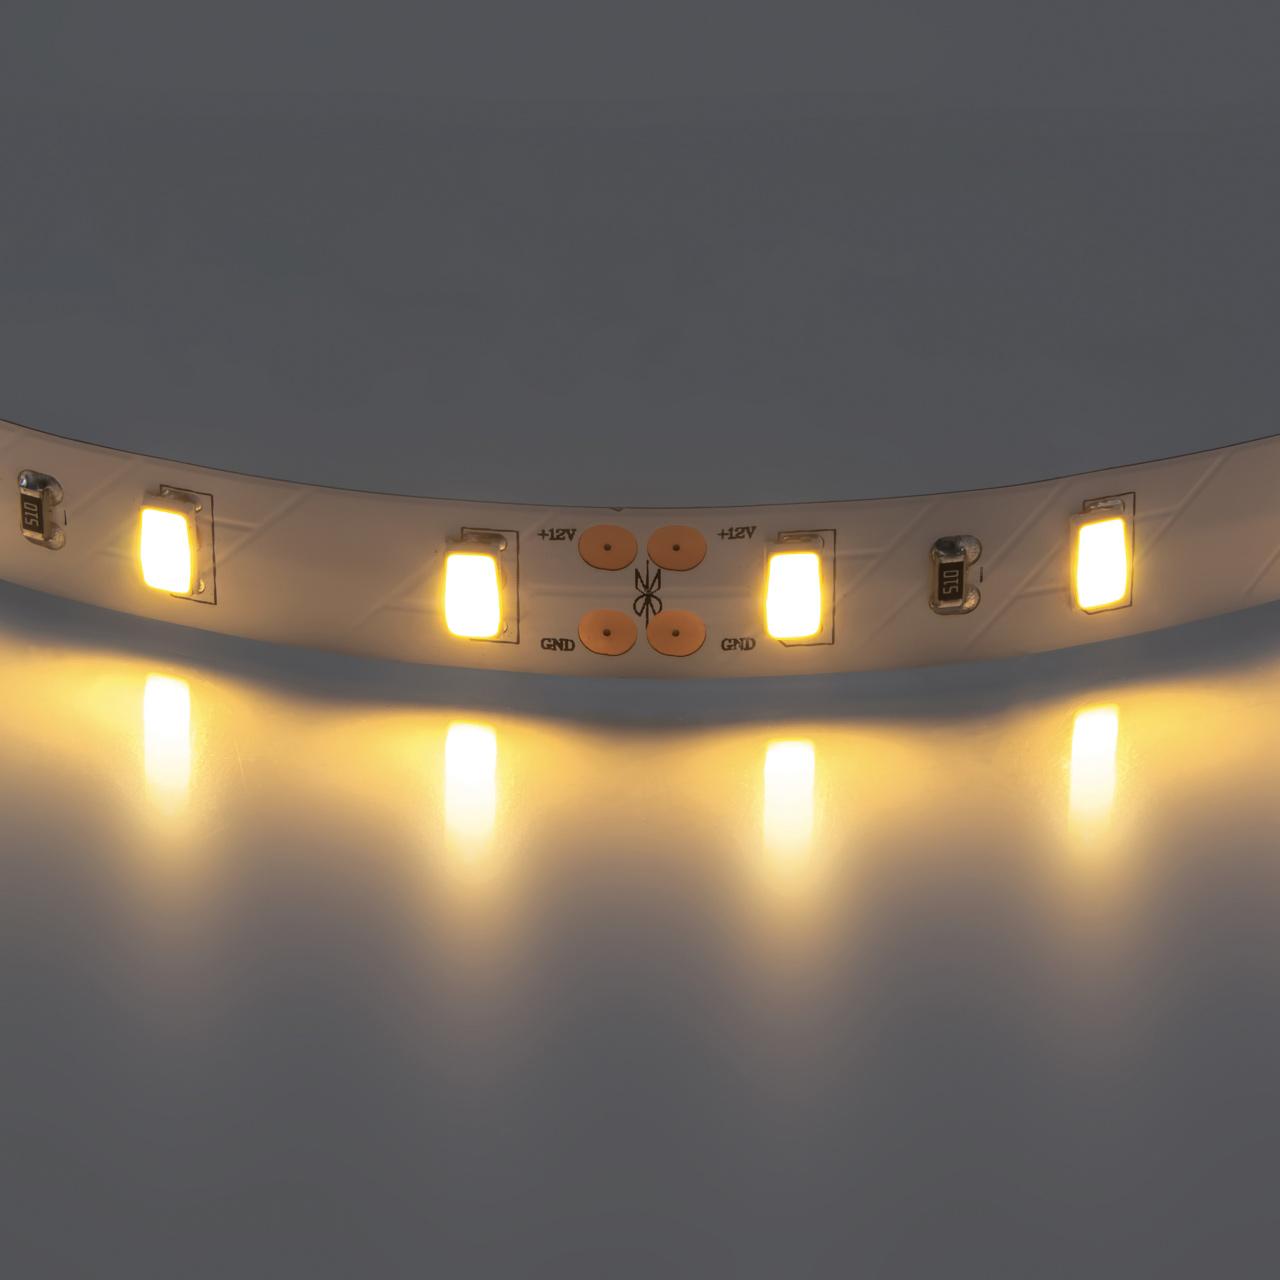 Лента 5630 LED 12V 28.8W 2700K-3000K 200m теплый белый свет Lightstar 400072